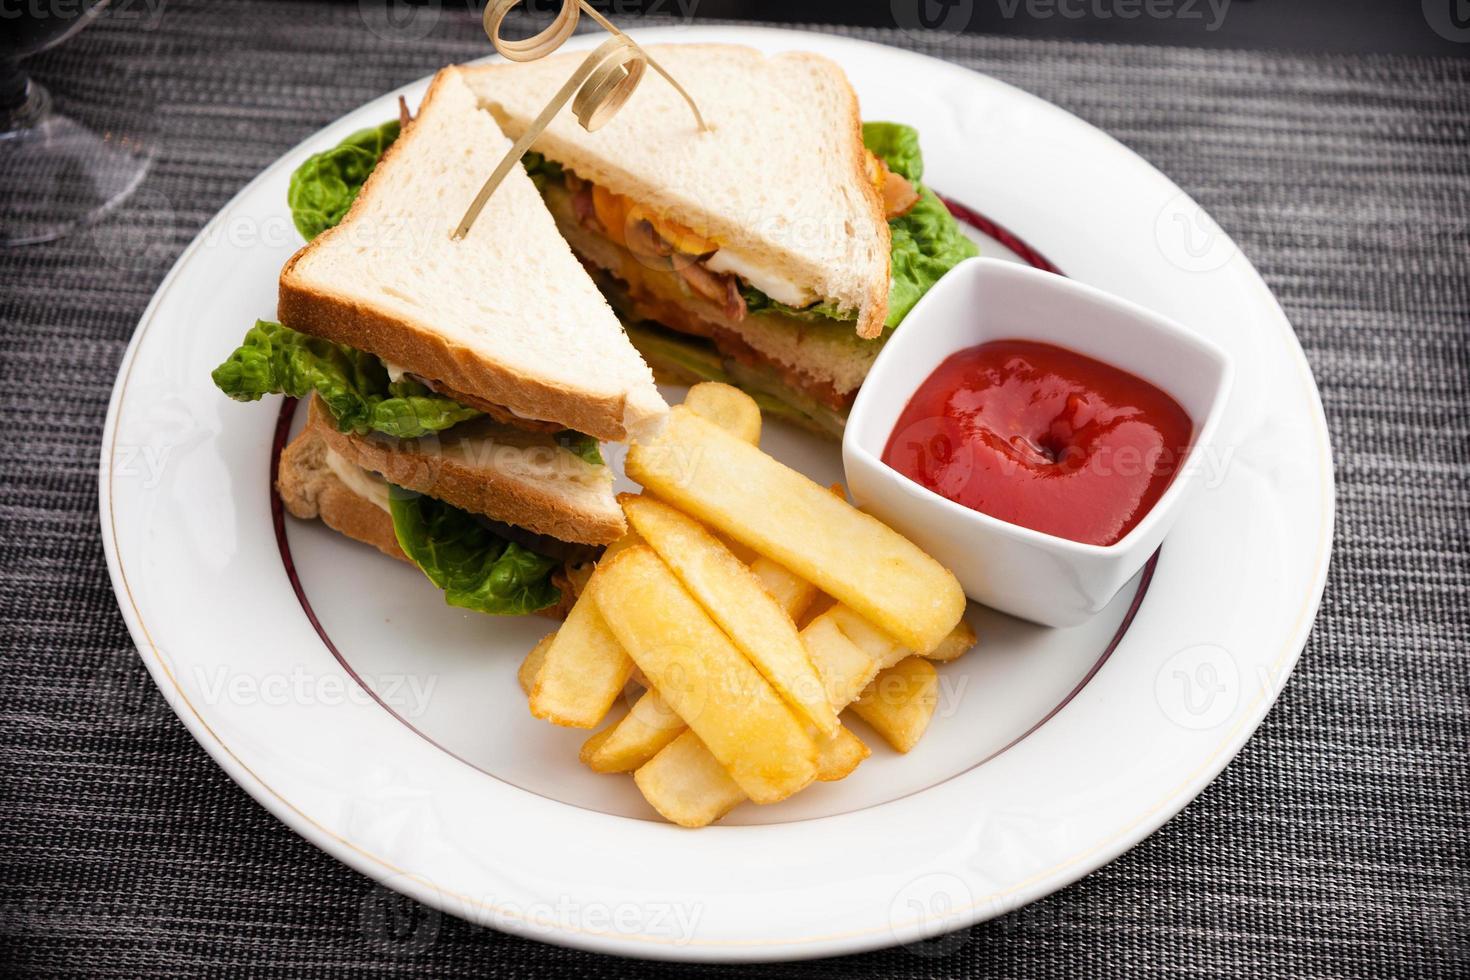 Sandwich mit Spiegeleiern, Speck und Salat foto